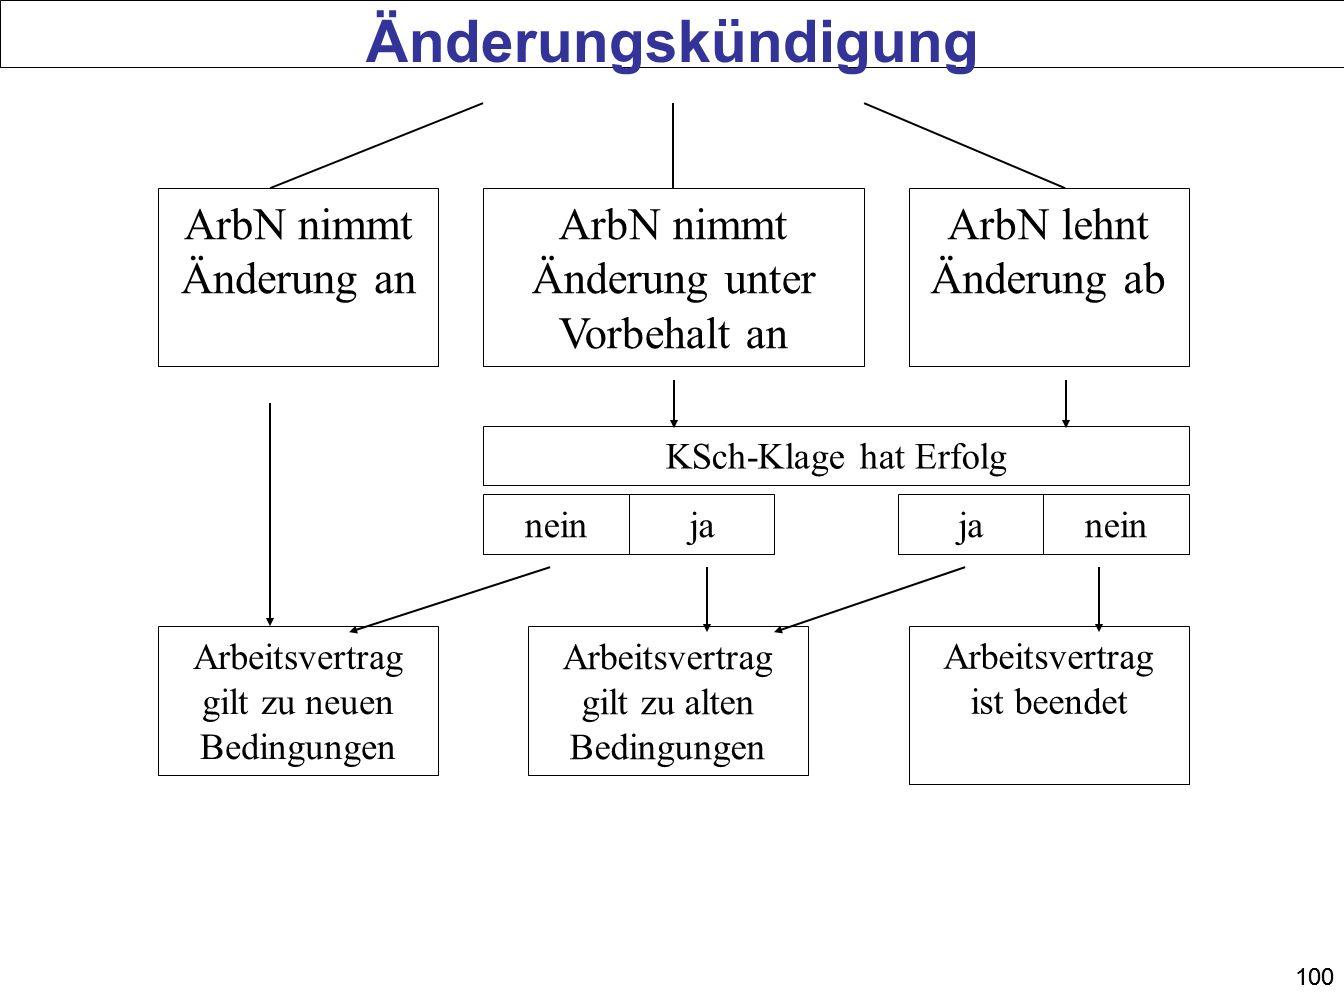 Änderungskündigung ArbN nimmt Änderung an